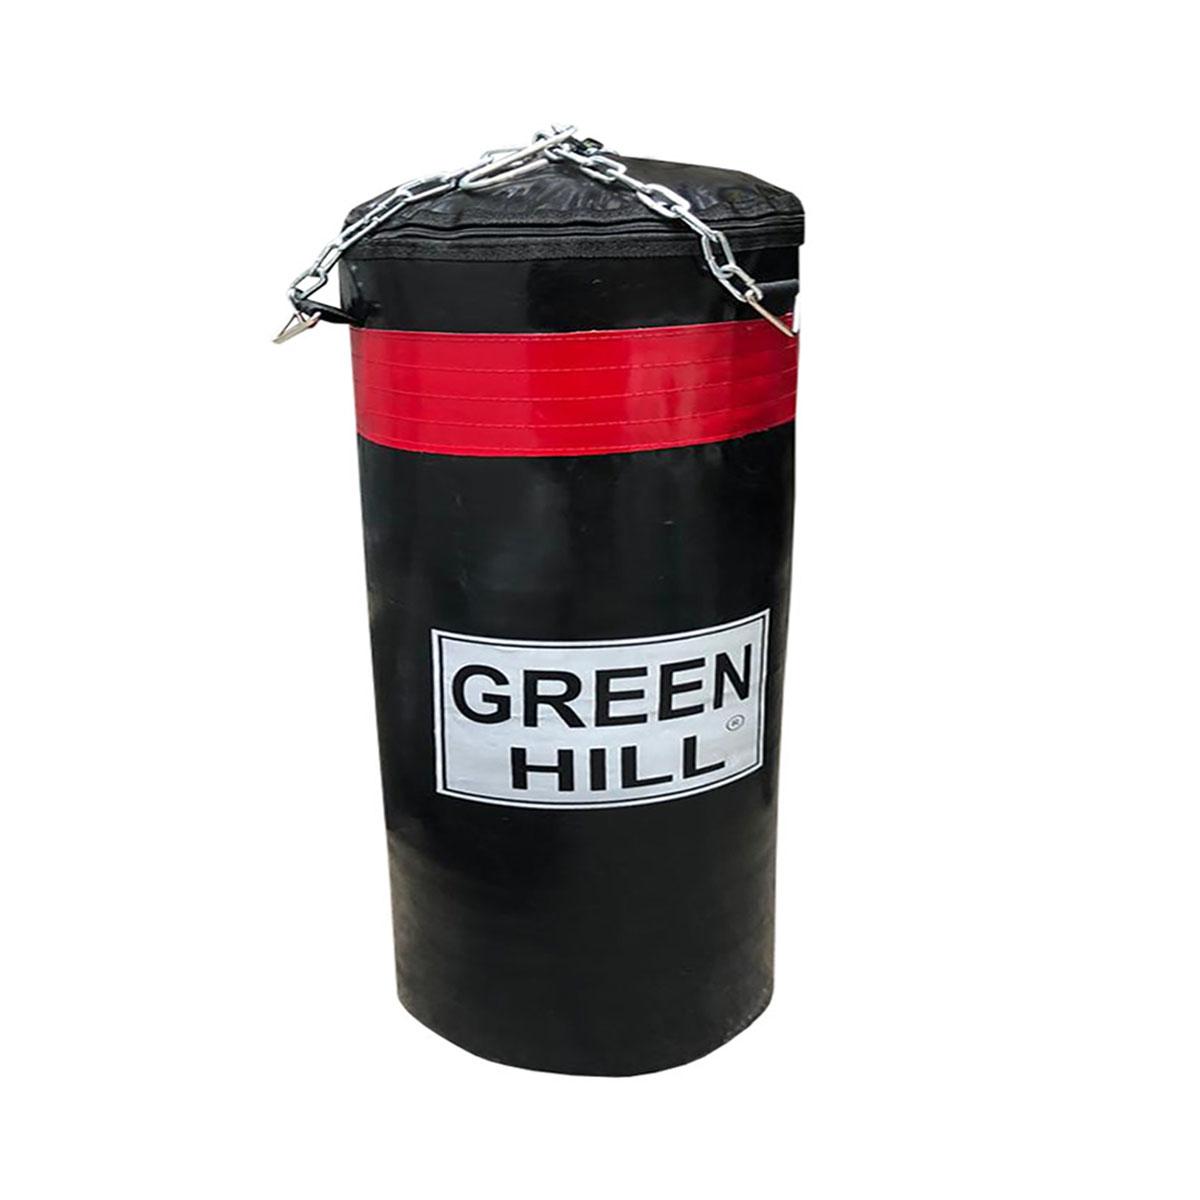 کیسه بوکس گرین هیل مدل AS60 main 1 1